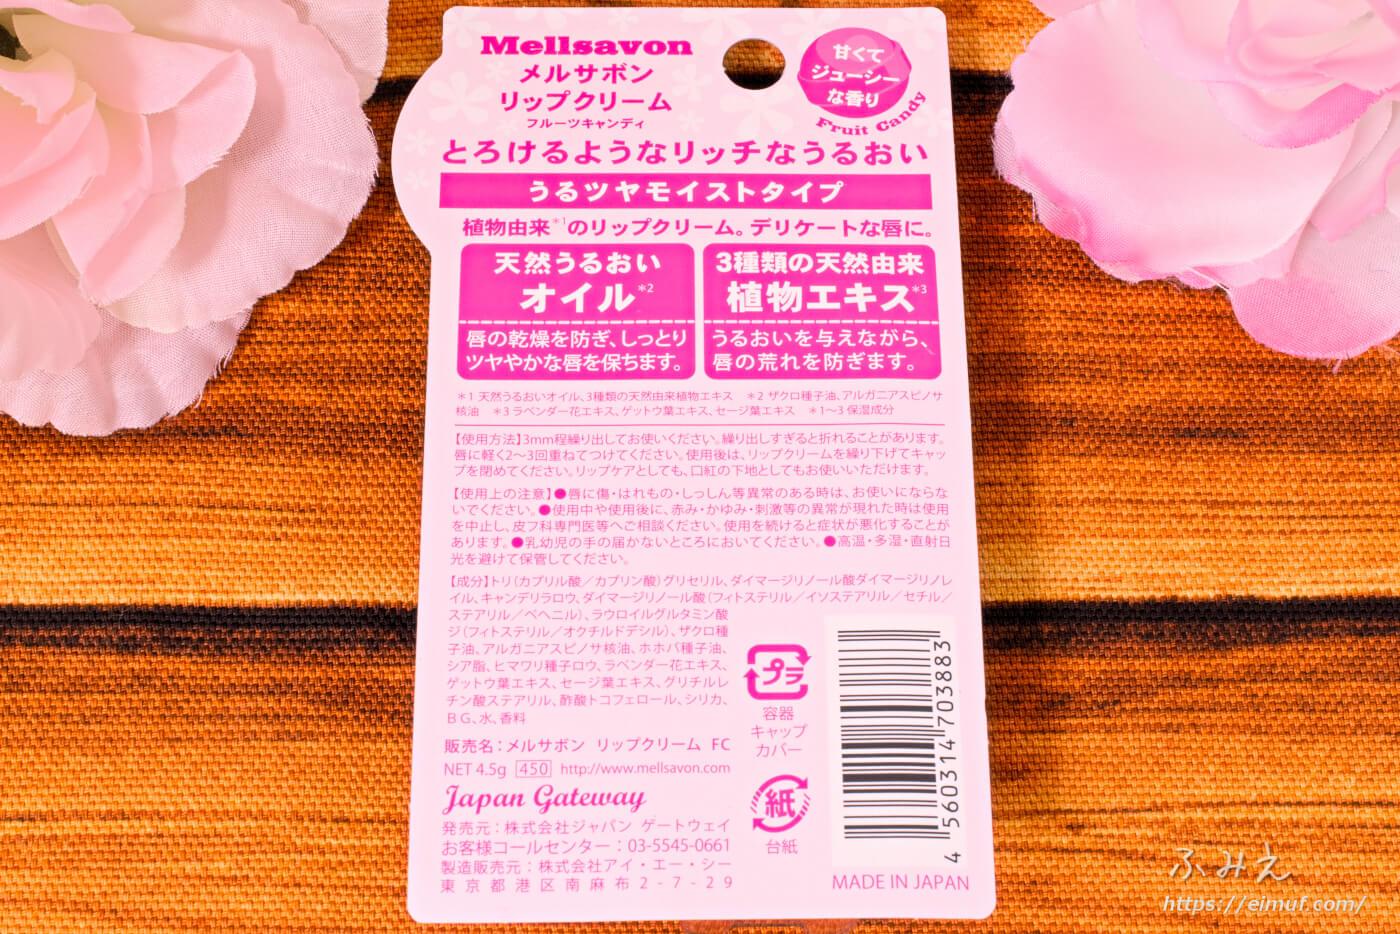 メルサボン リップクリーム フルーツキャンディ(甘くてジューシーな香り)パッケージ裏面